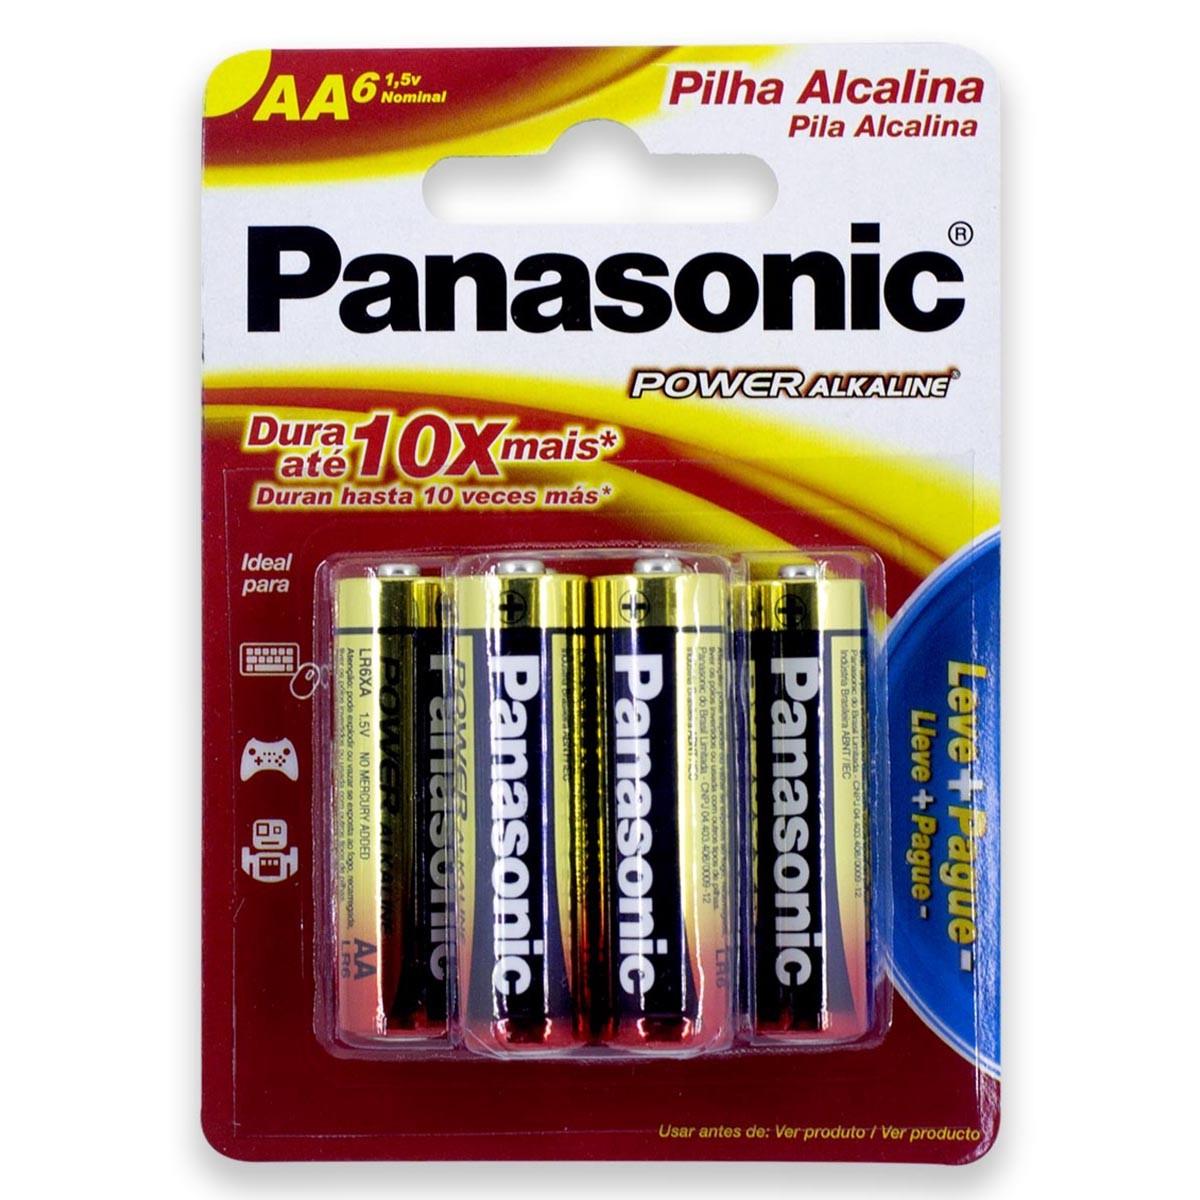 24 Pilhas AA Alcalina PANASONIC 4 cartelas